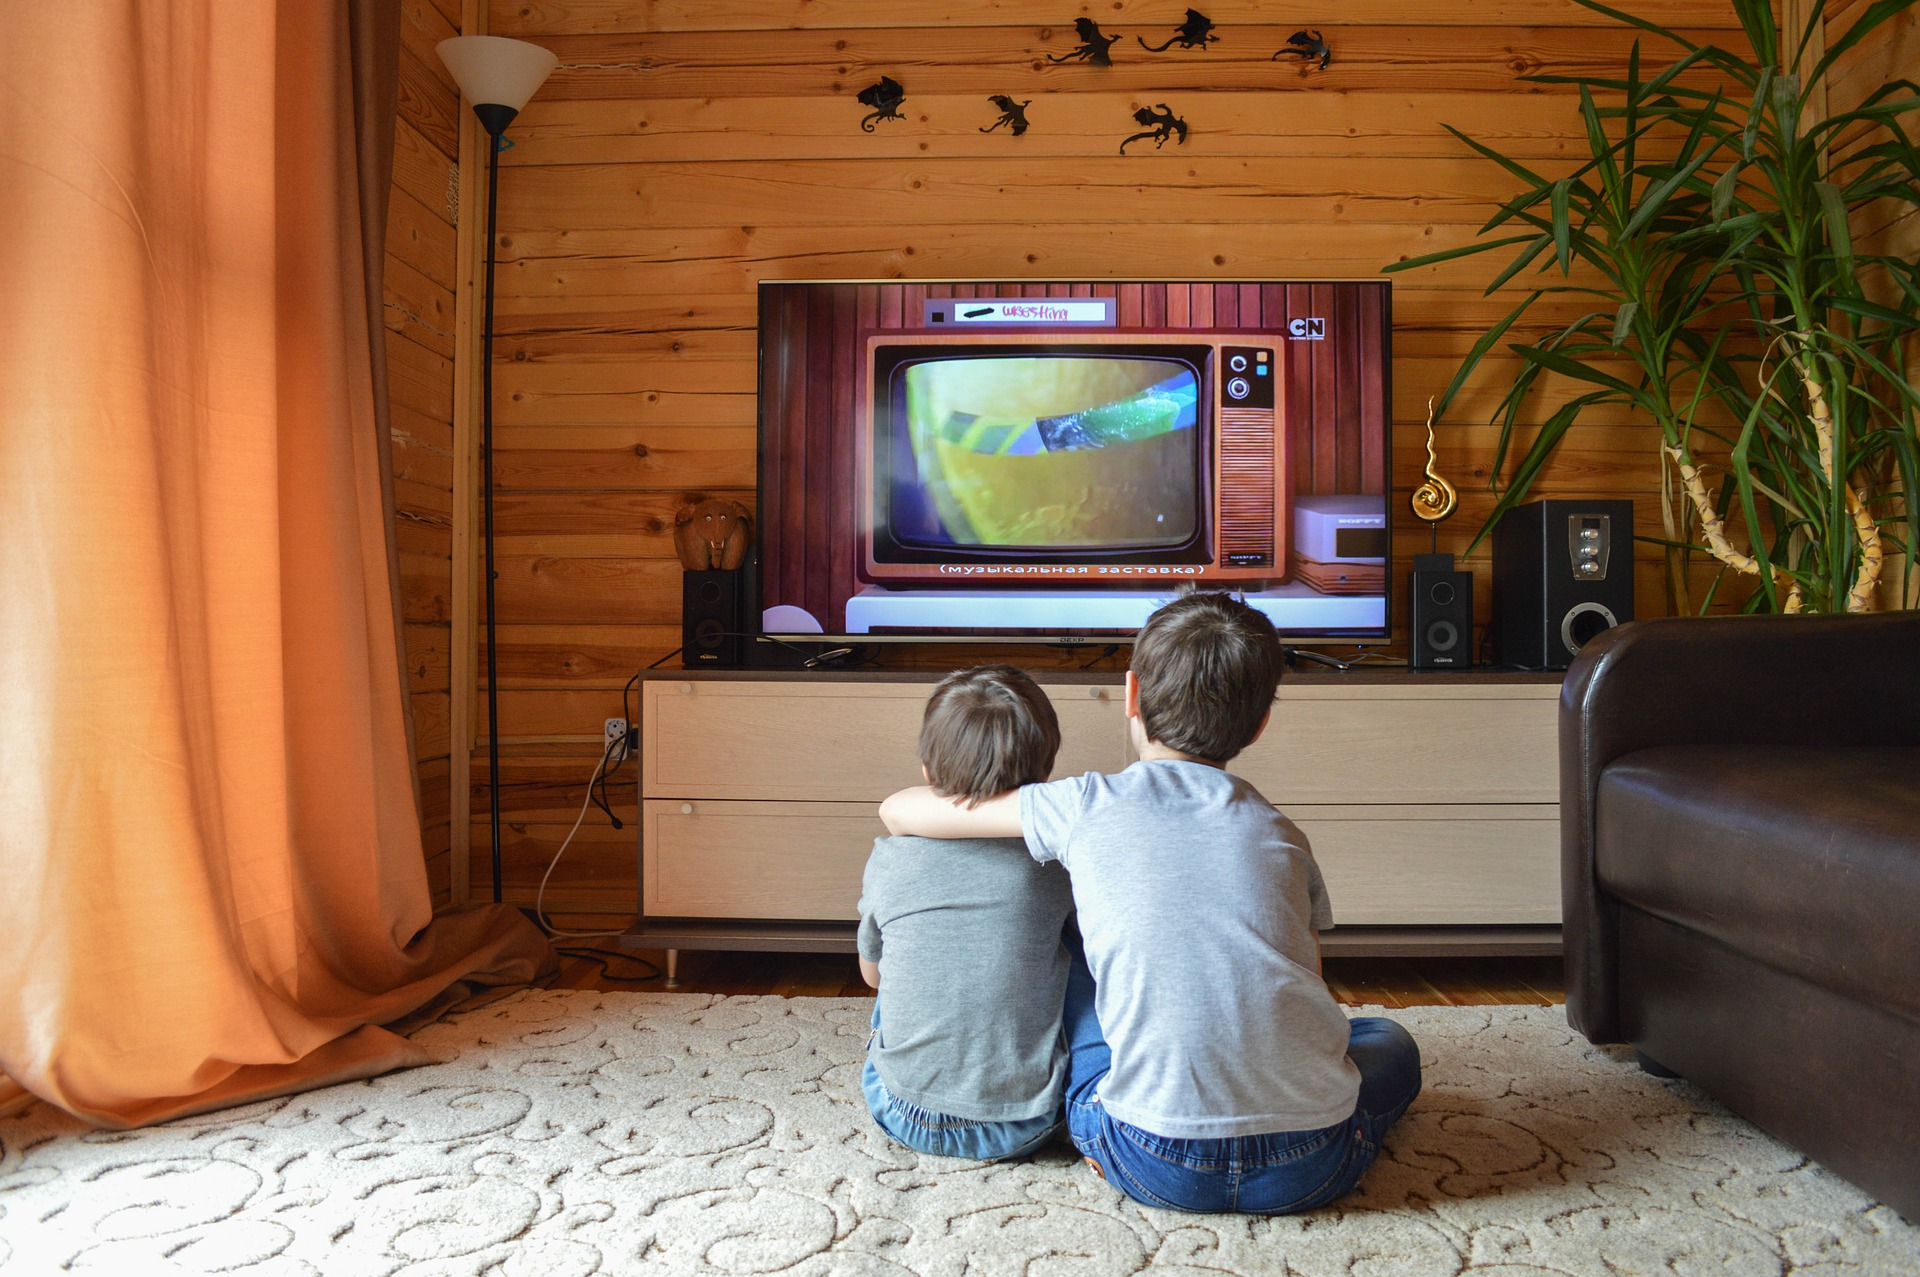 pokojowa-antena-telewizyjna-do-odbioru-telewizji-naziemnej